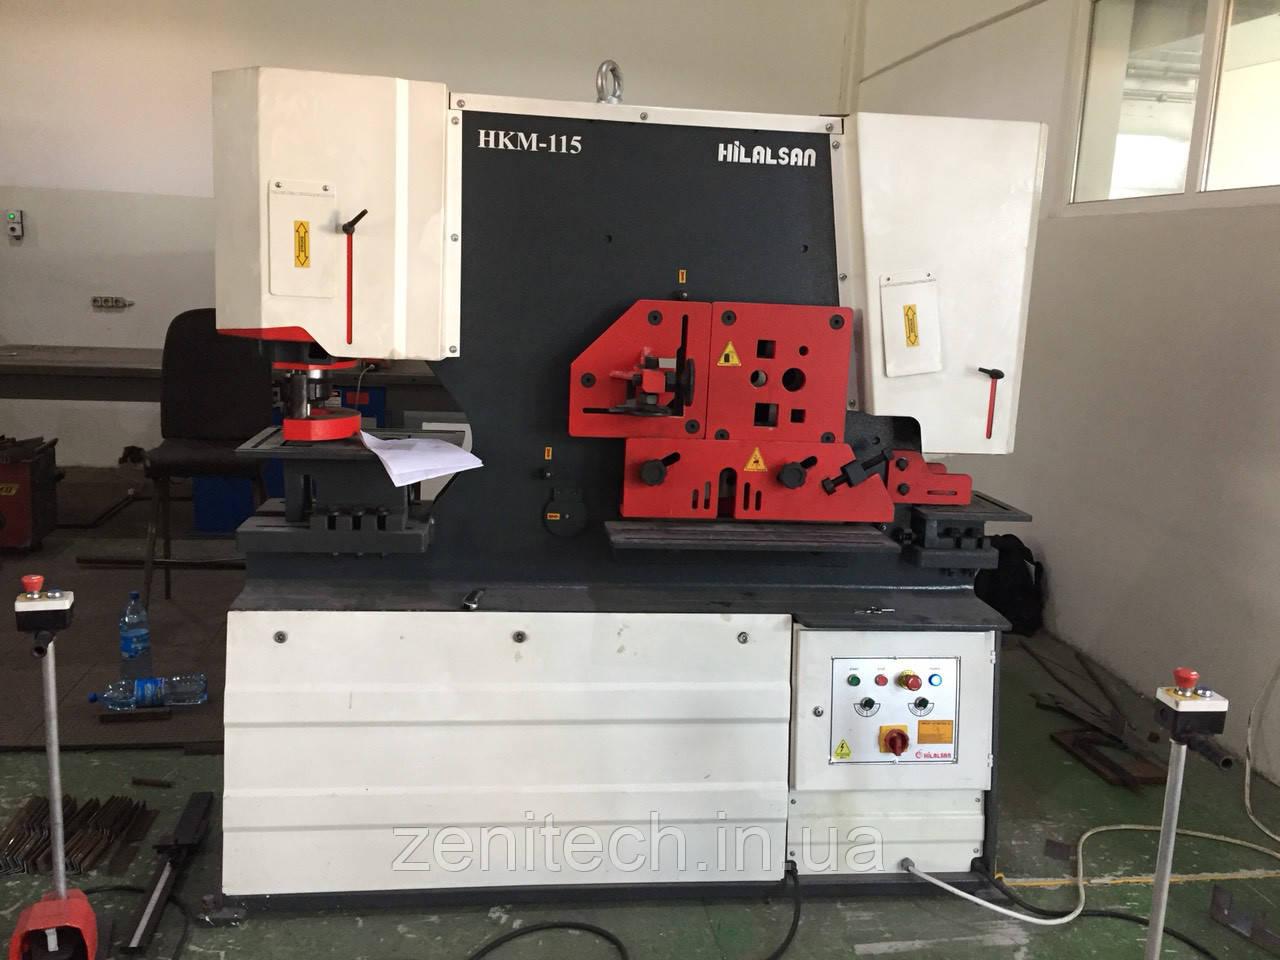 Гидравлические пресс-ножницы Hilalsan  HKM-115